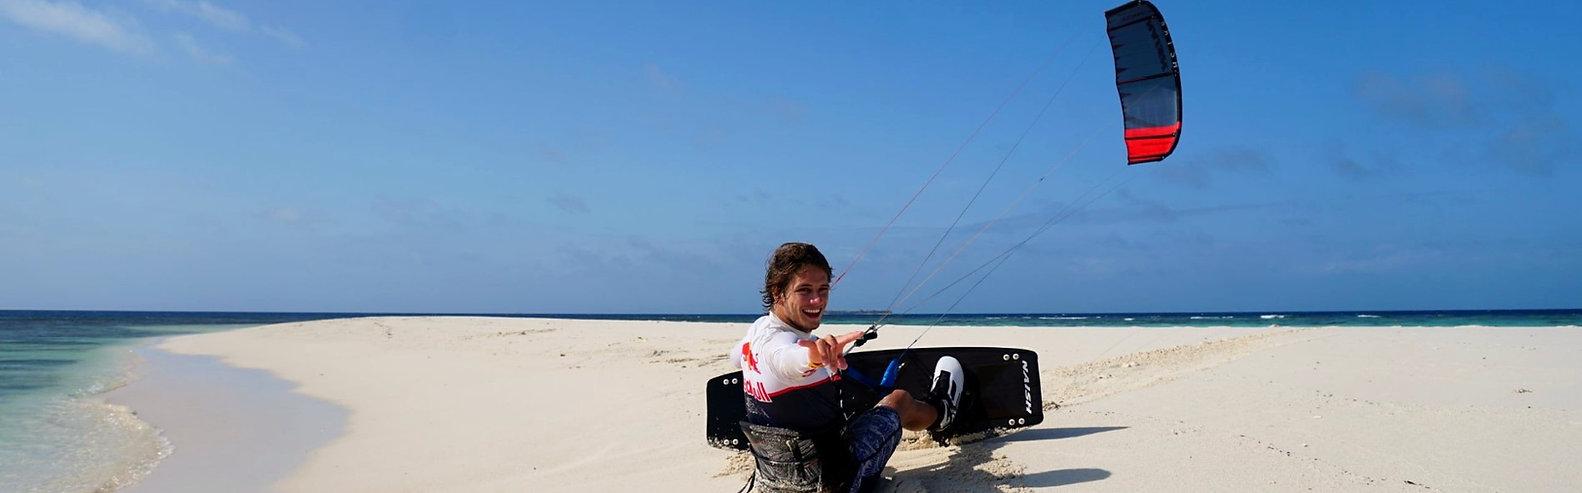 leçon de kitesurf en Martinique